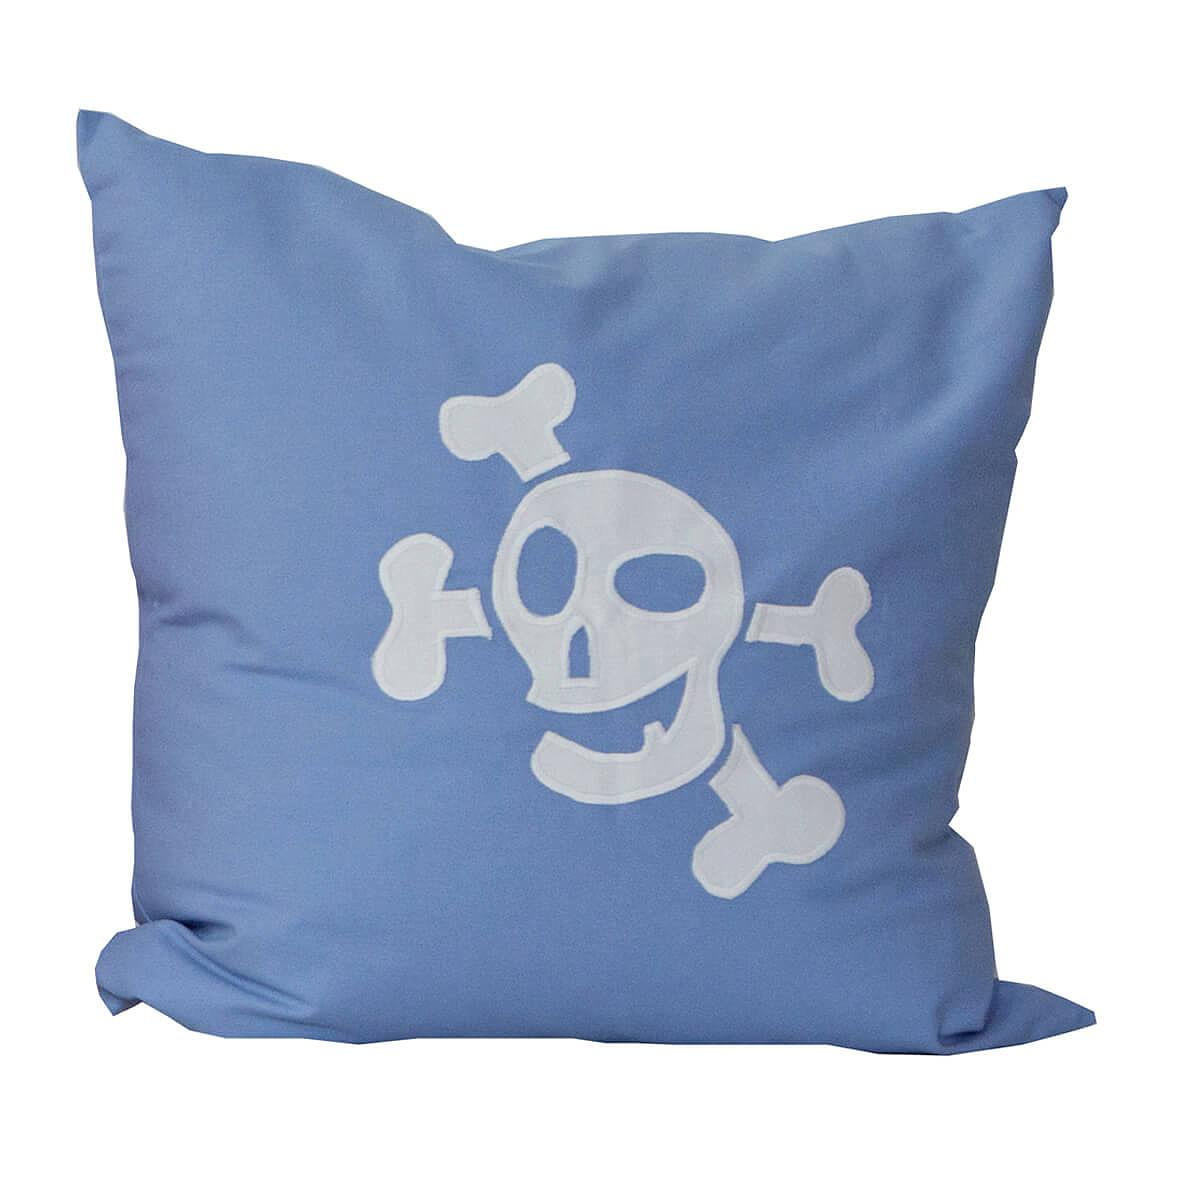 Kissen Pirat DELUXE De Breuyn 60x60cm hellblau